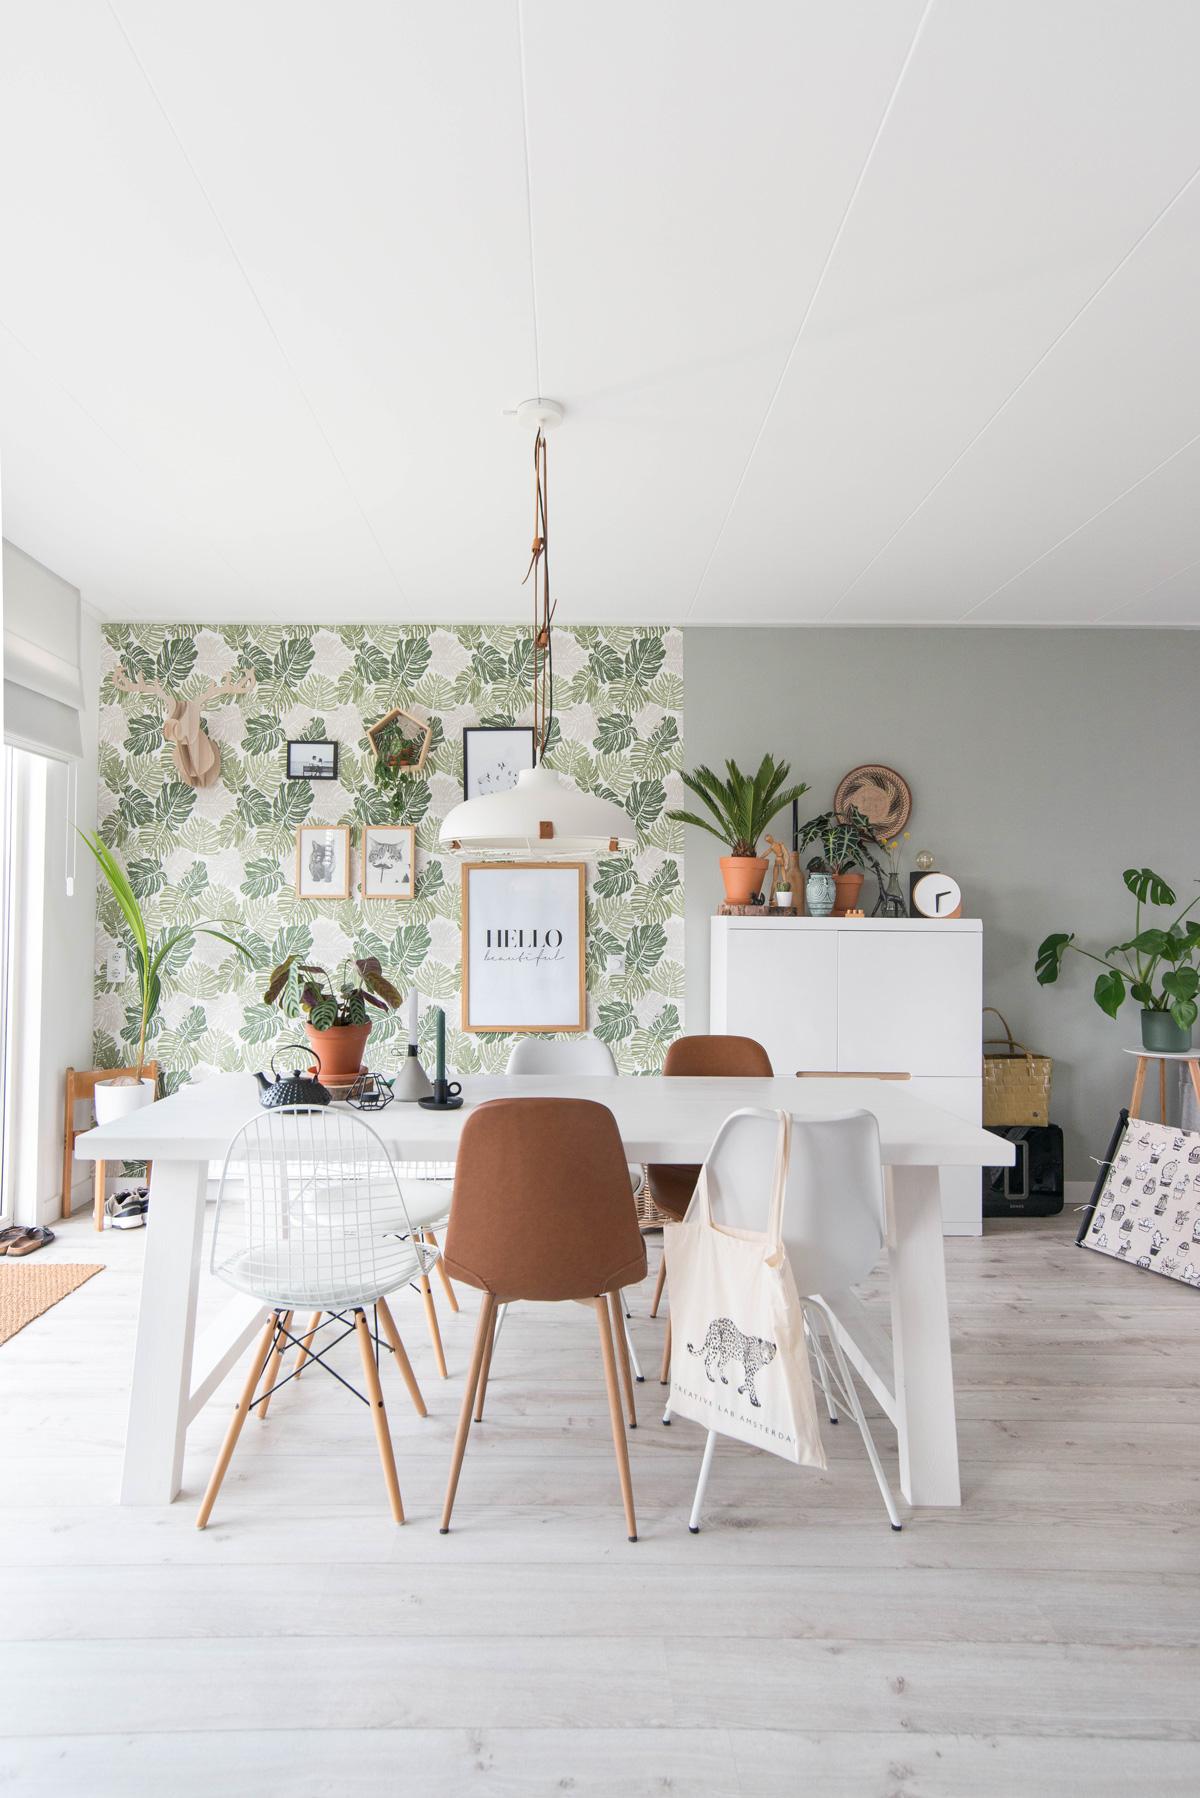 keeelly91 blogger makeover interior interieurinspiratie woonkamer diningroom eetkamer zuiver urbanjungle wallpaper huis planten behang